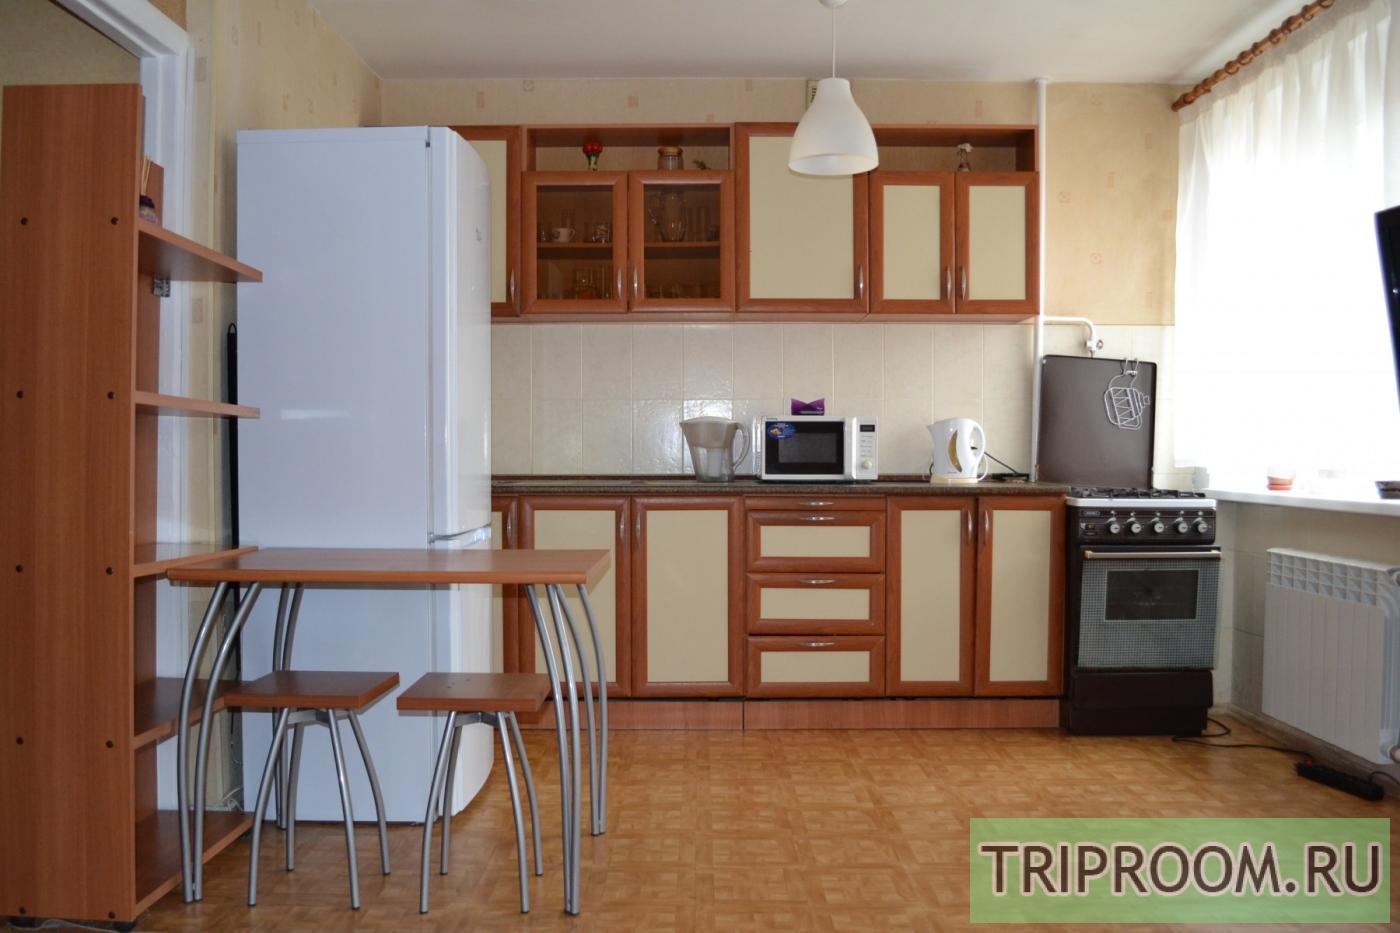 2-комнатная квартира посуточно (вариант № 5718), ул. Воровского улица, фото № 4